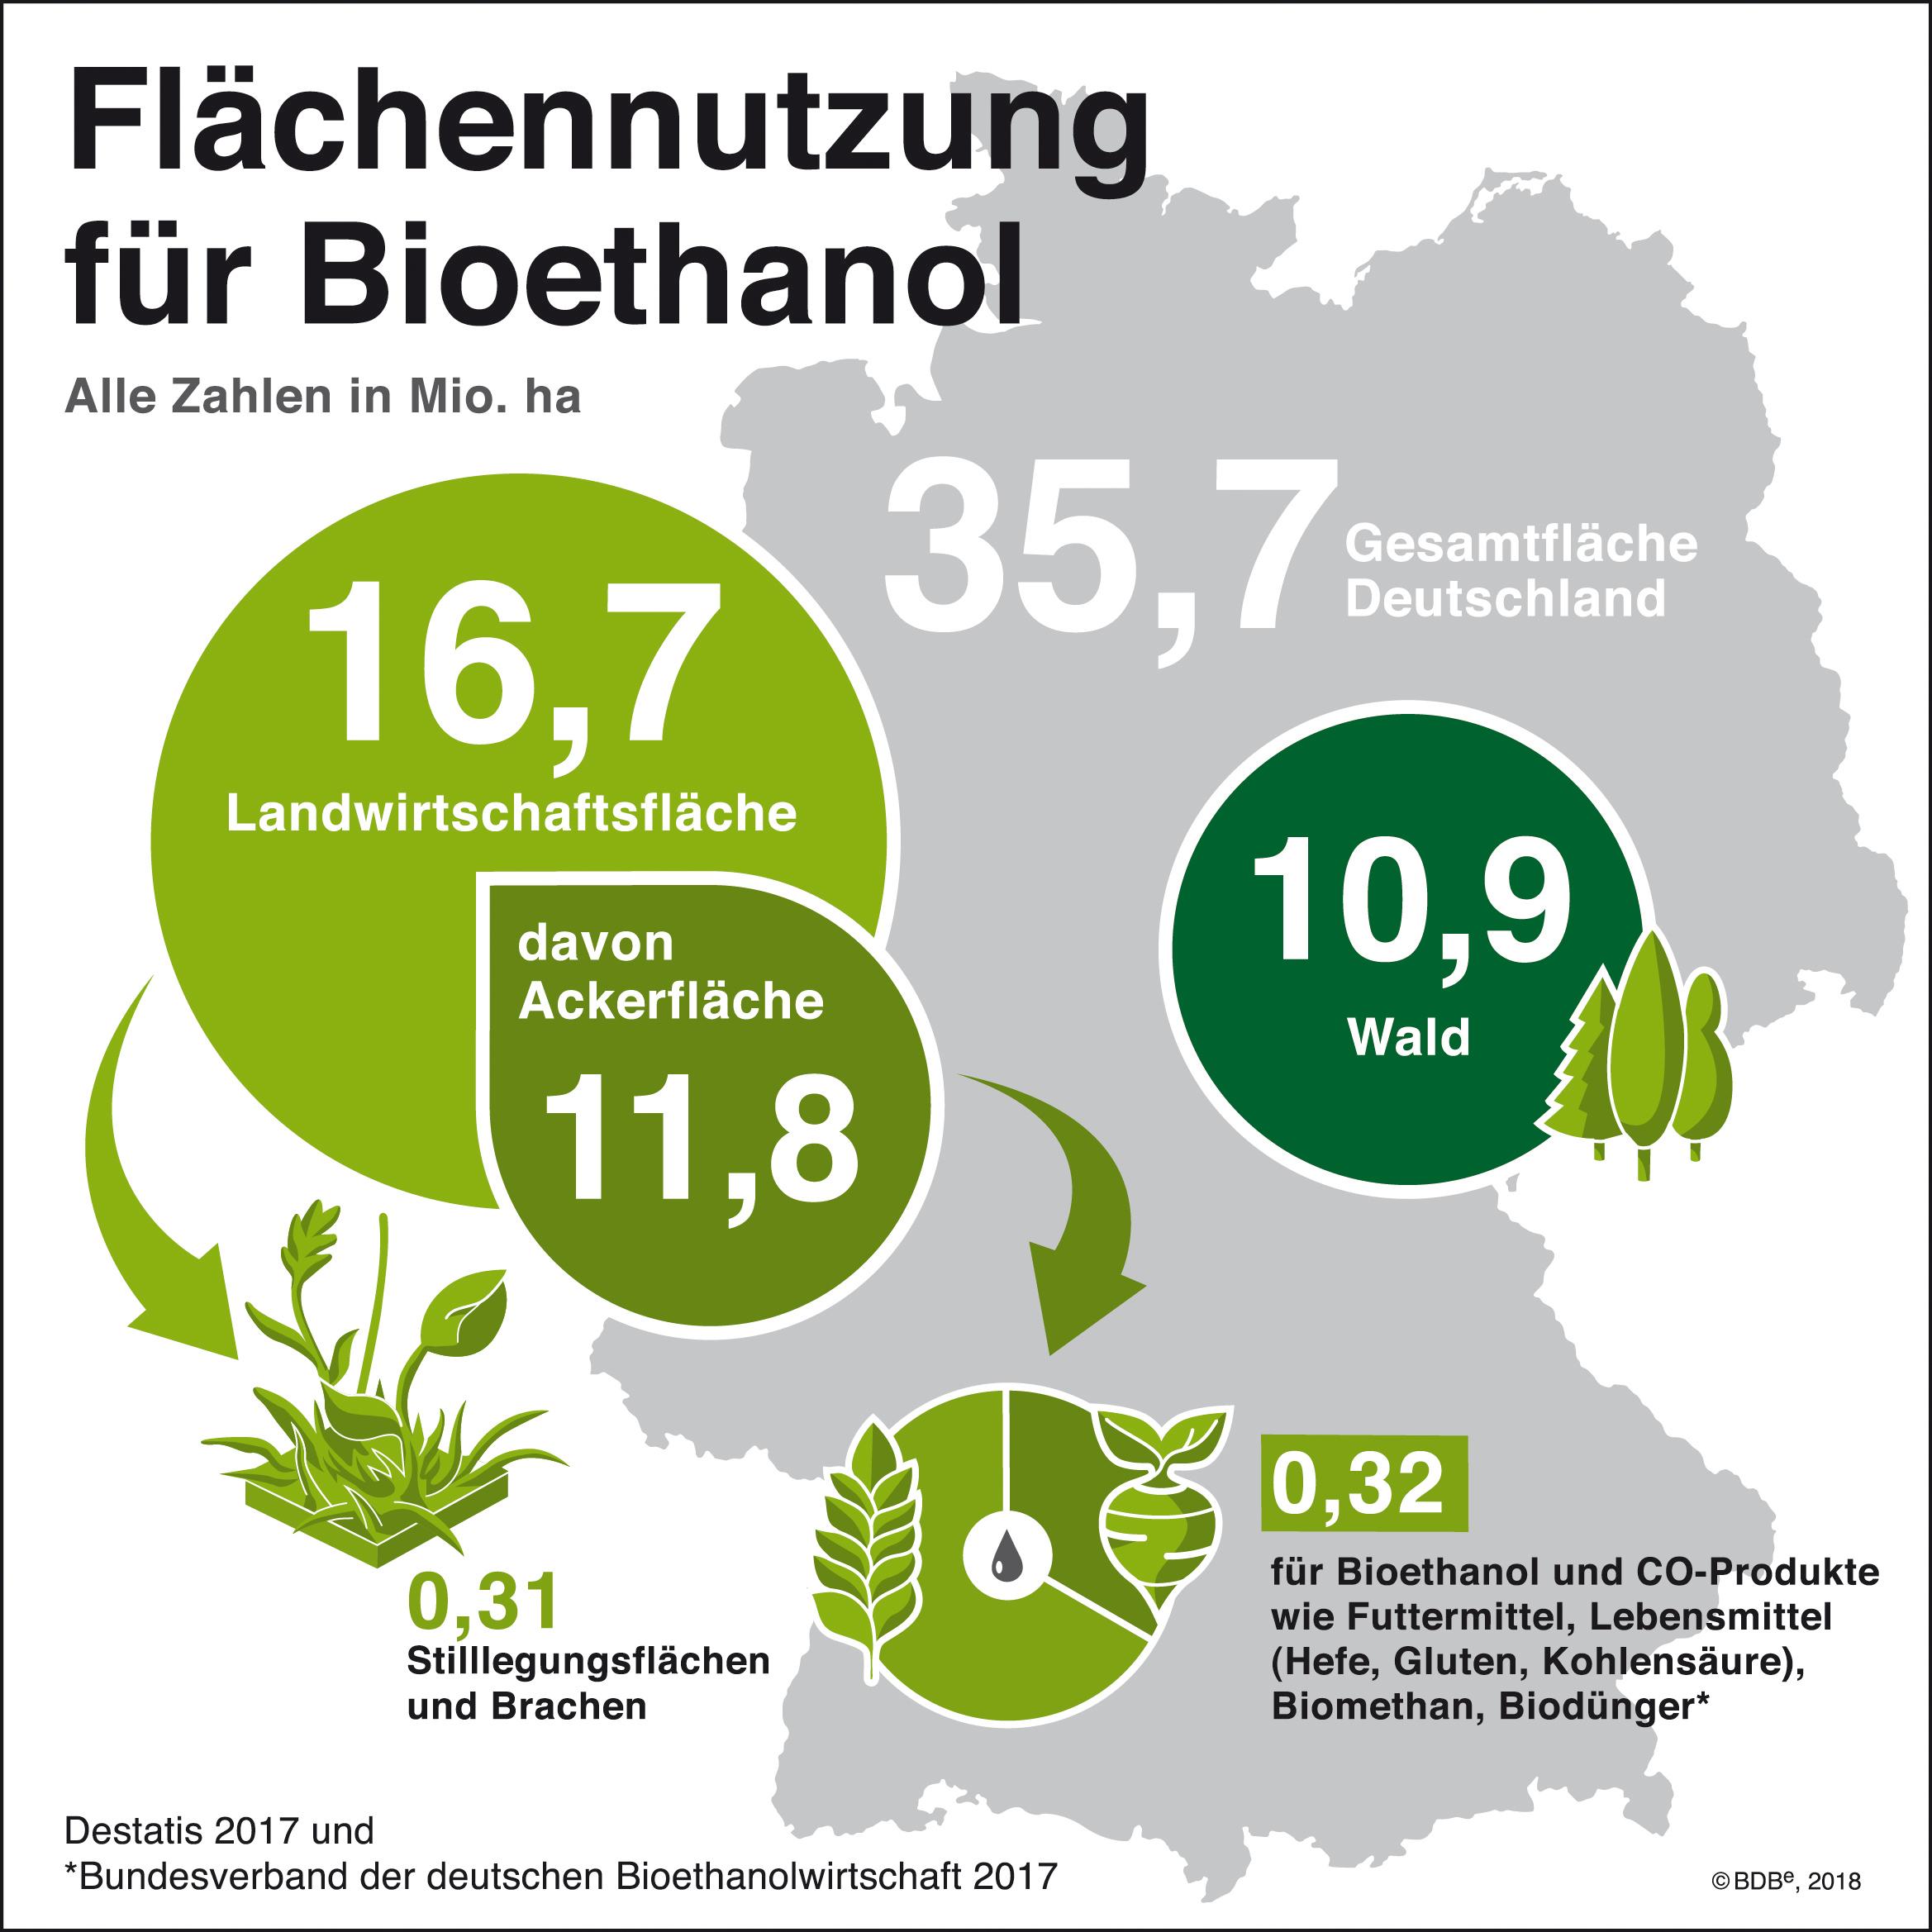 Flaechennutzung Bioethanol JPG